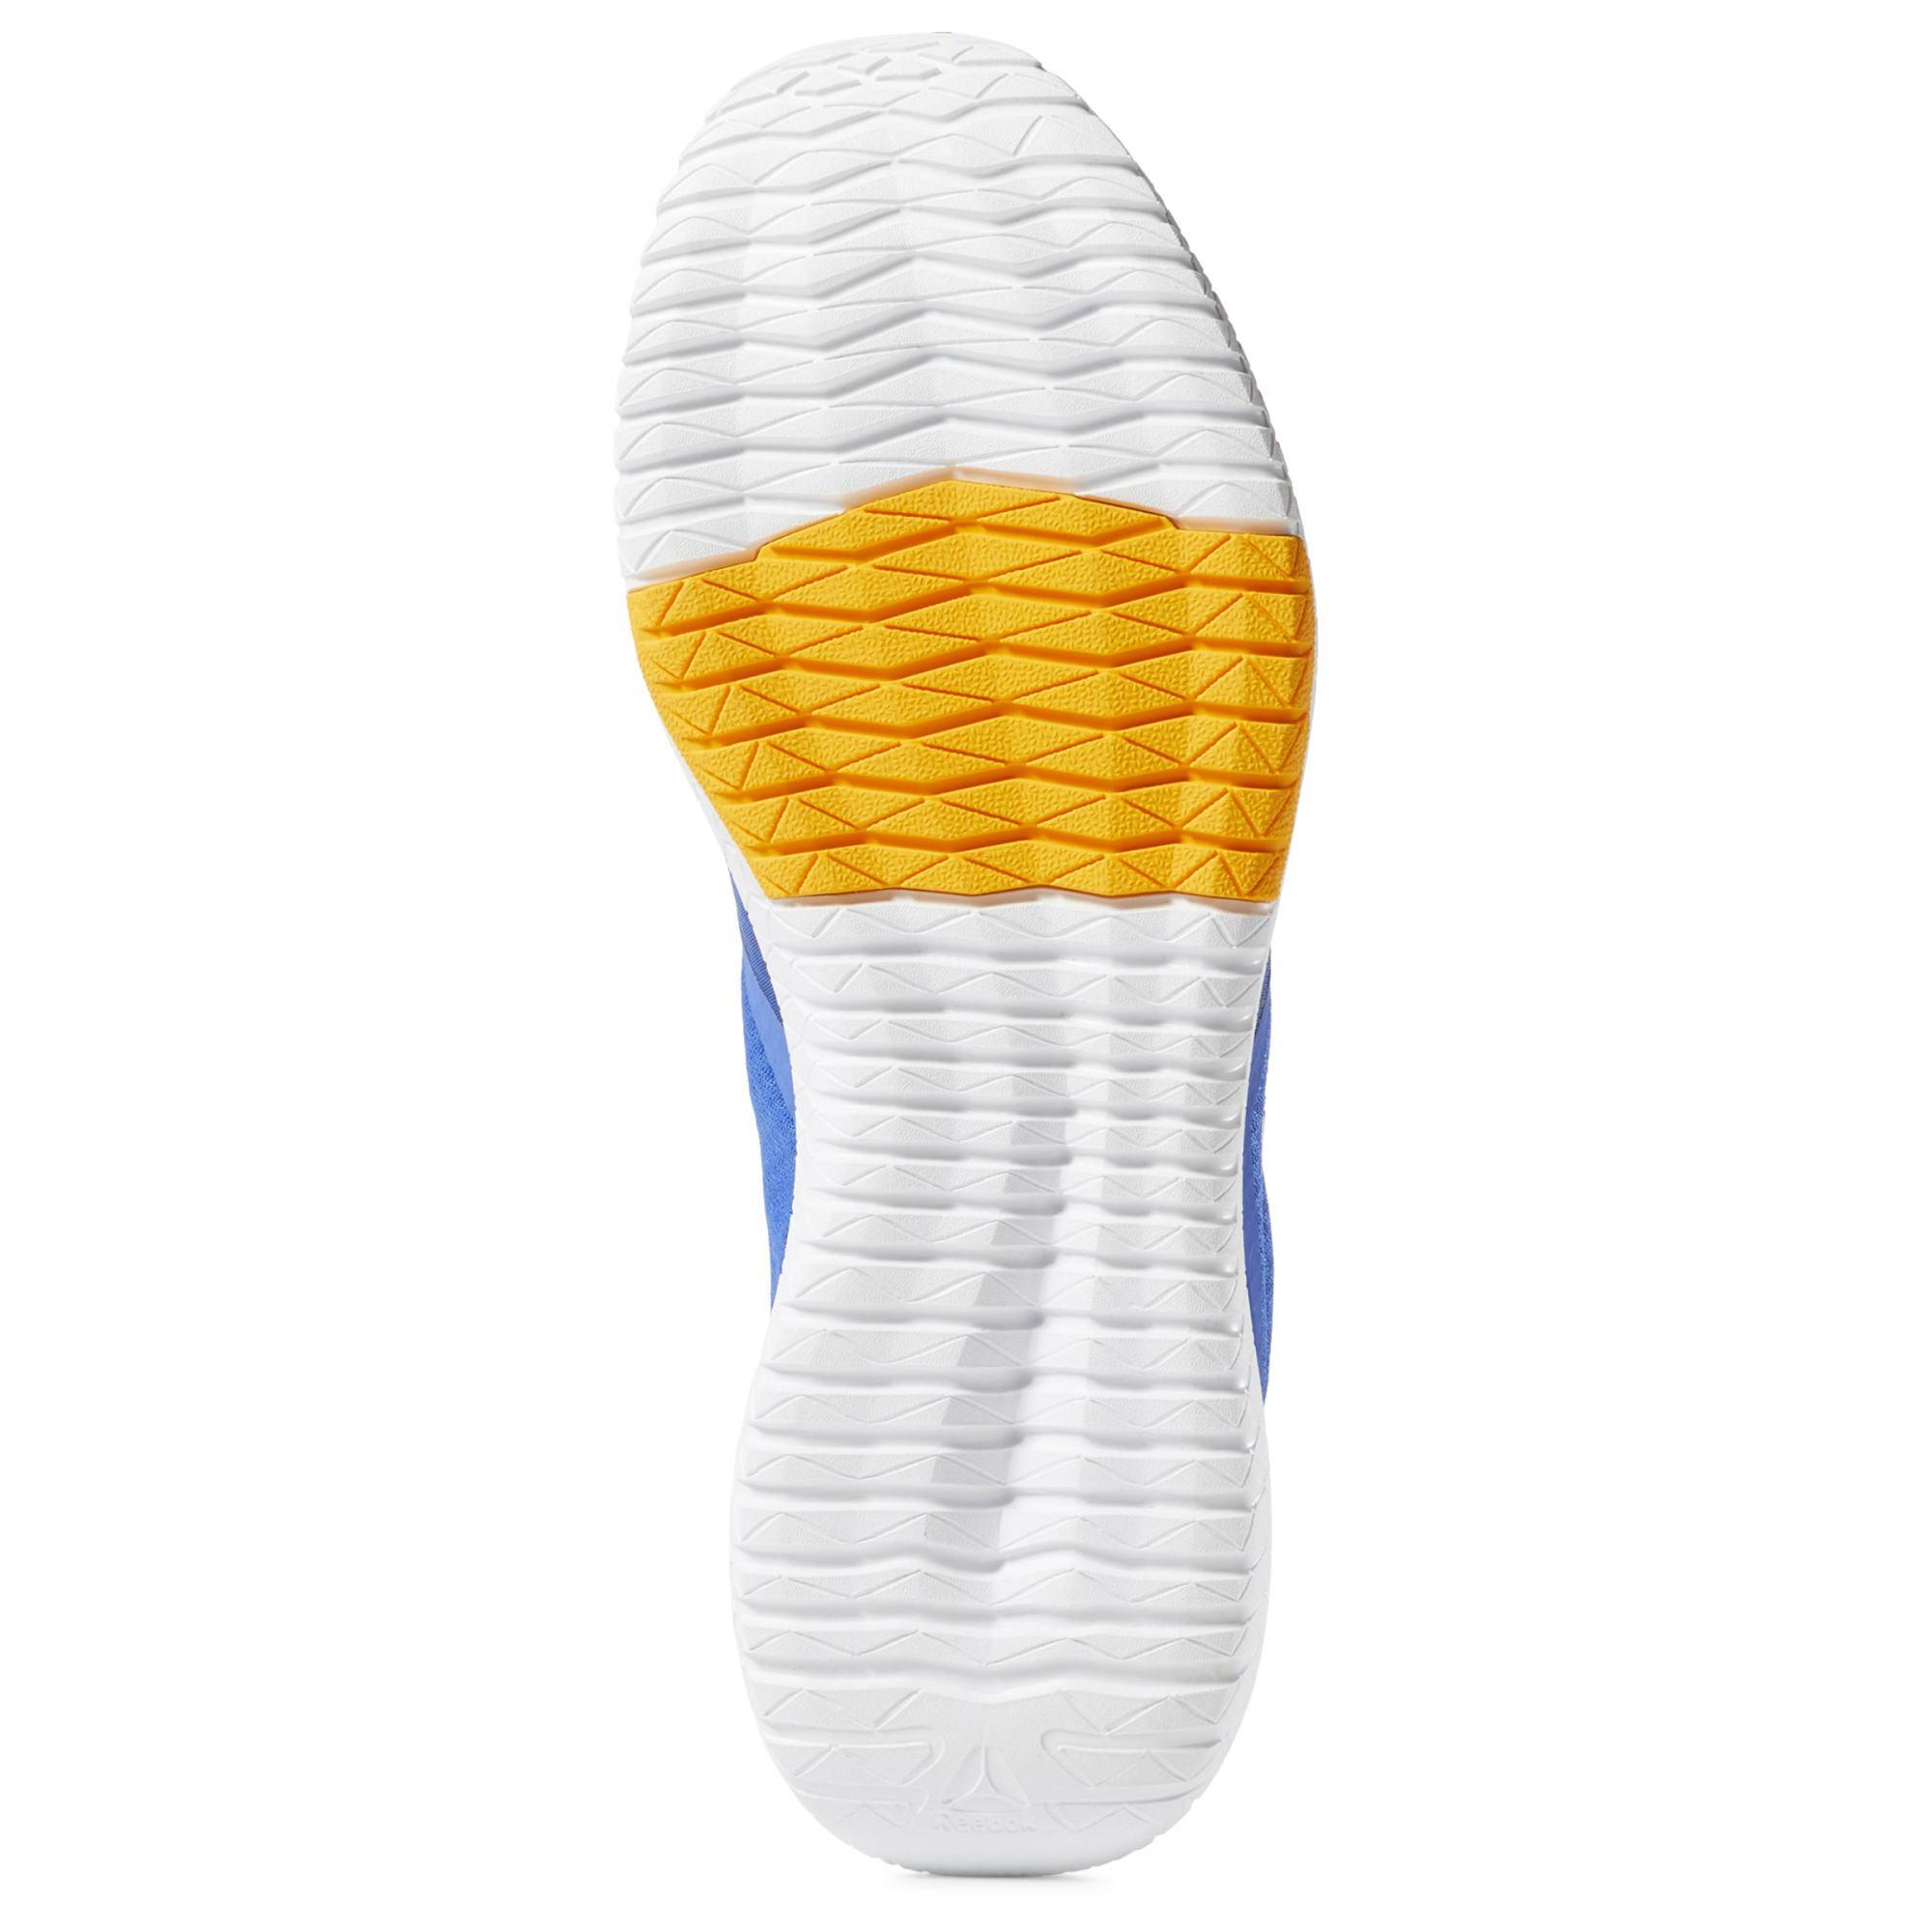 Reebok Fitnessschuhe Herren Crushed Cobalt/Collegiate Navy/Solar Gold/Silver/Skull Grey Grey Grey im Online Shop von SportScheck kaufen Gute Qualität beliebte Schuhe 4c3337